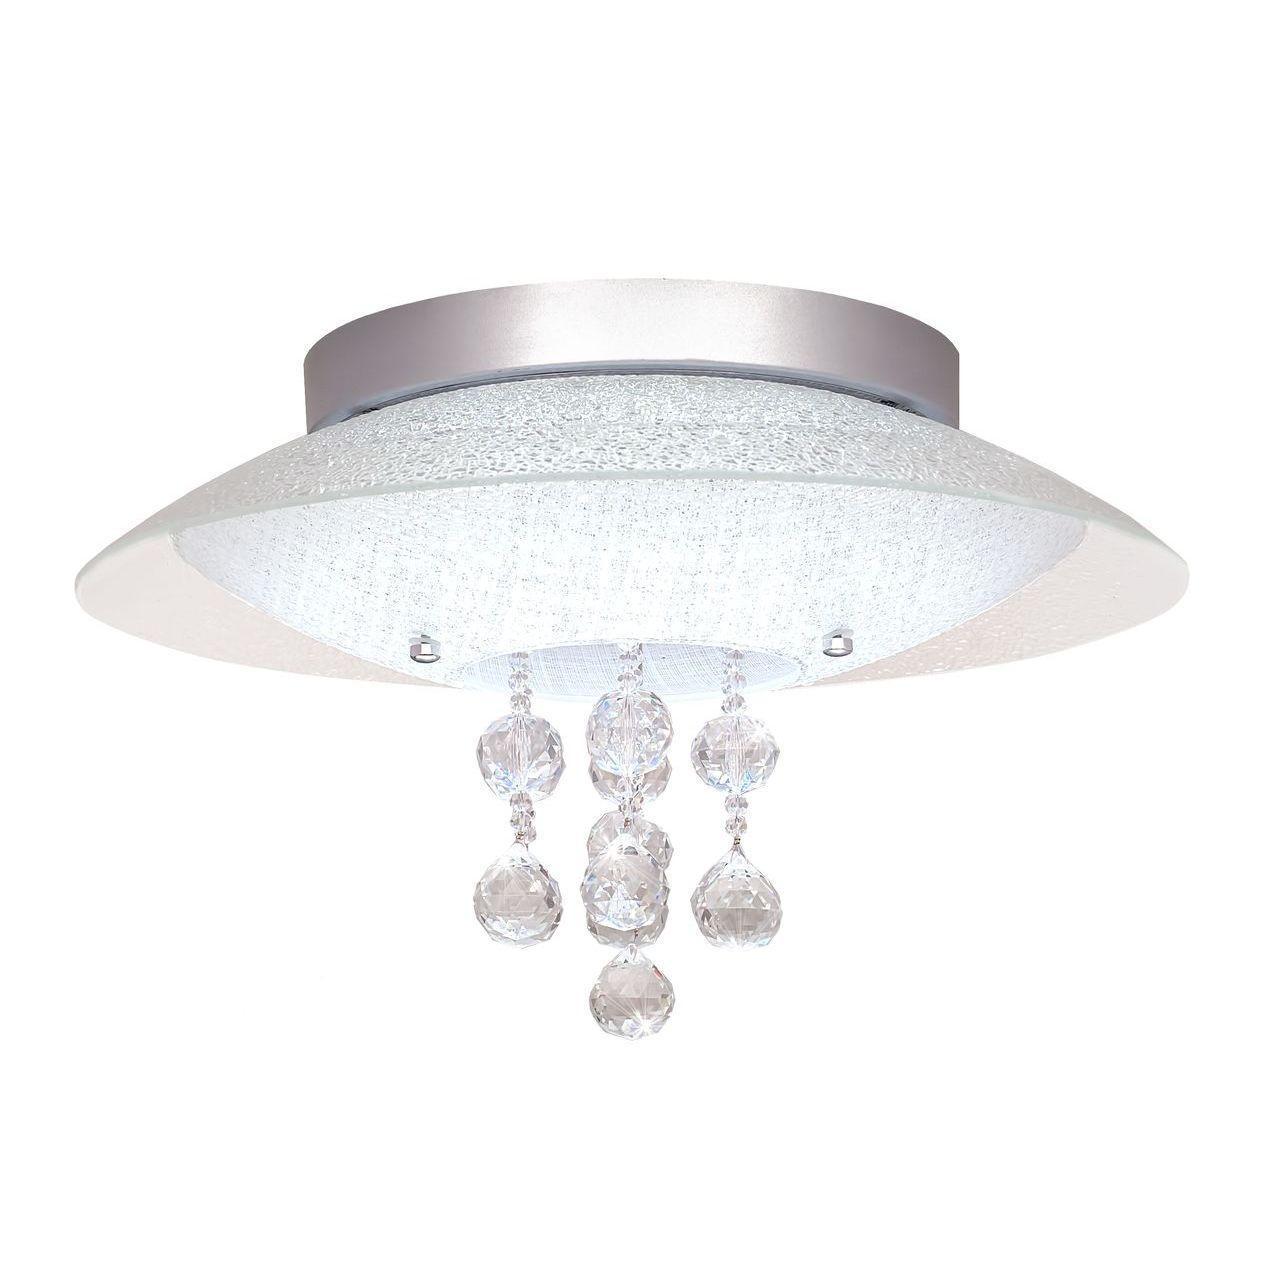 Потолочный светодиодный светильник Silver Light Diamond 845.40.7 navo electroplated diamond grinding heads silver 30 pcs